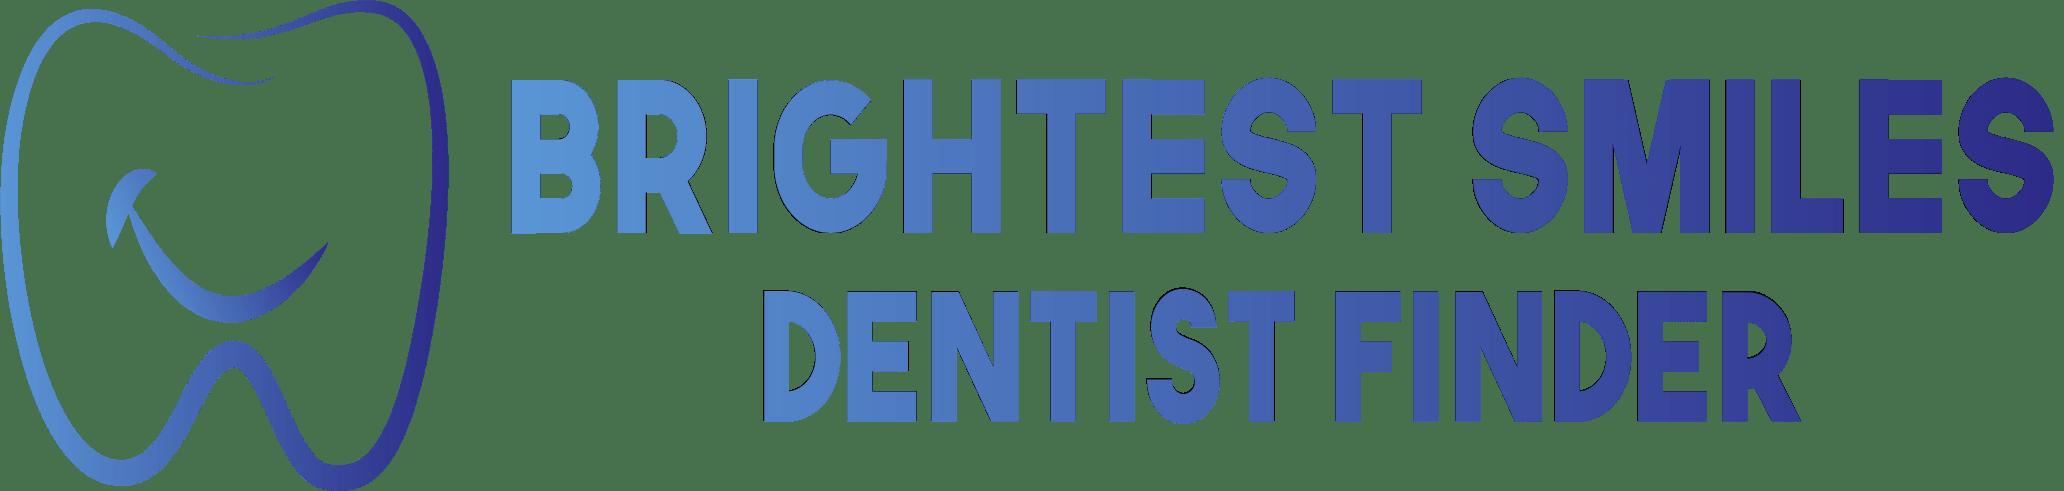 Brightest Smiles Dentist Finder